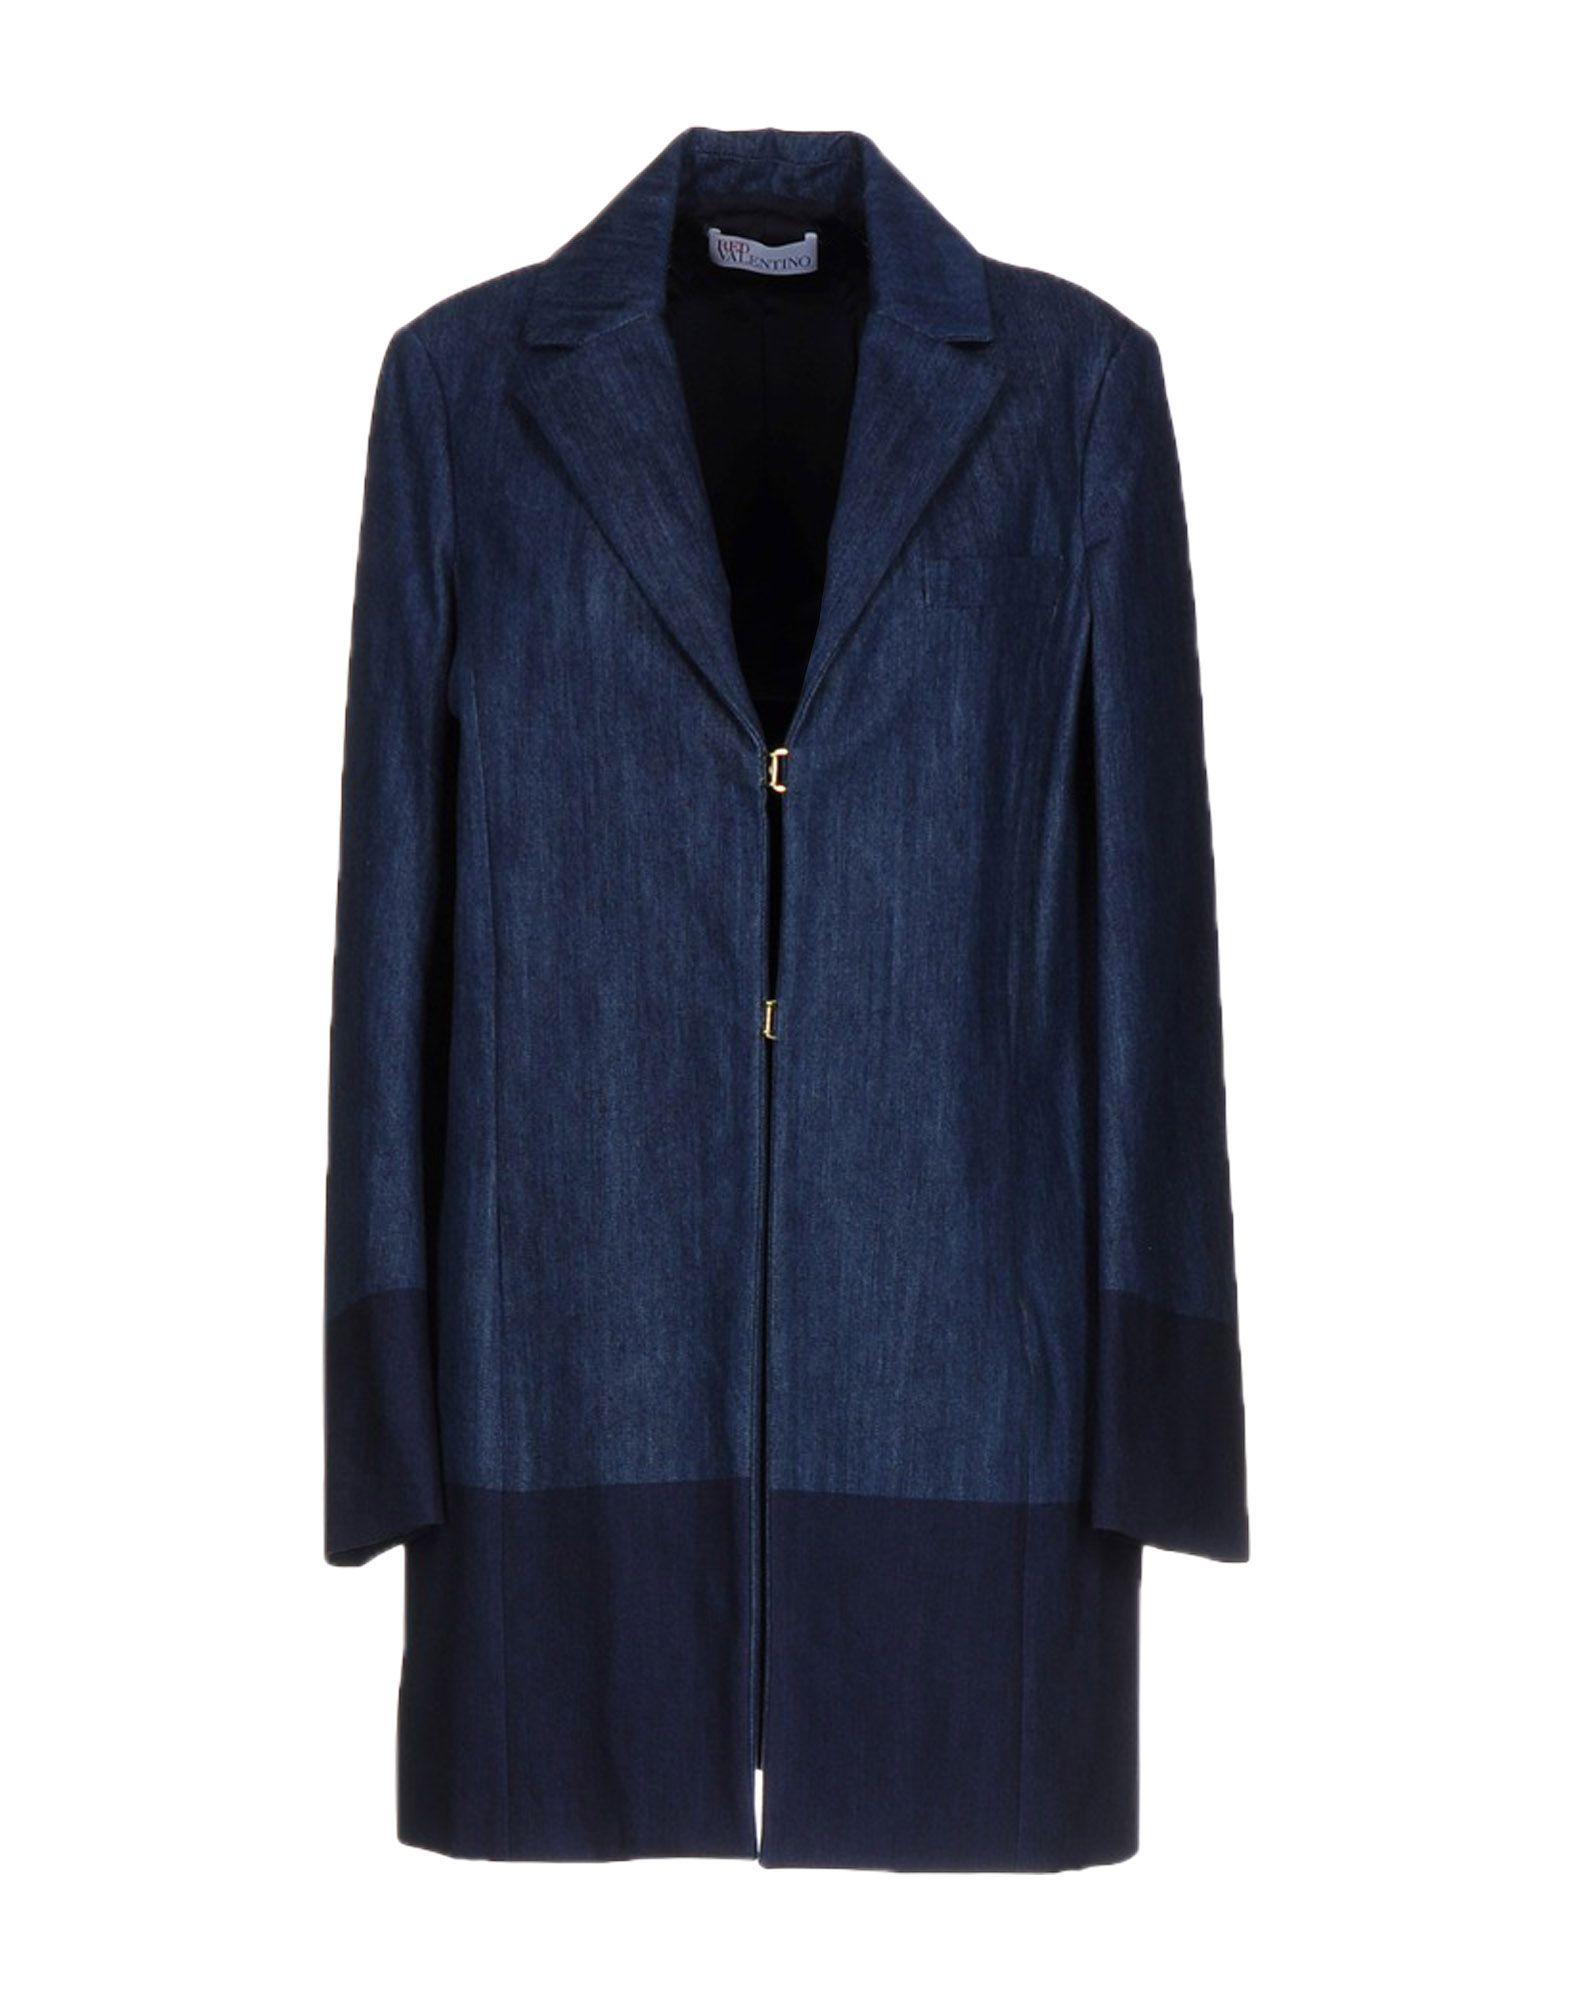 REDValentino Джинсовая верхняя одежда colmar джинсовая верхняя одежда